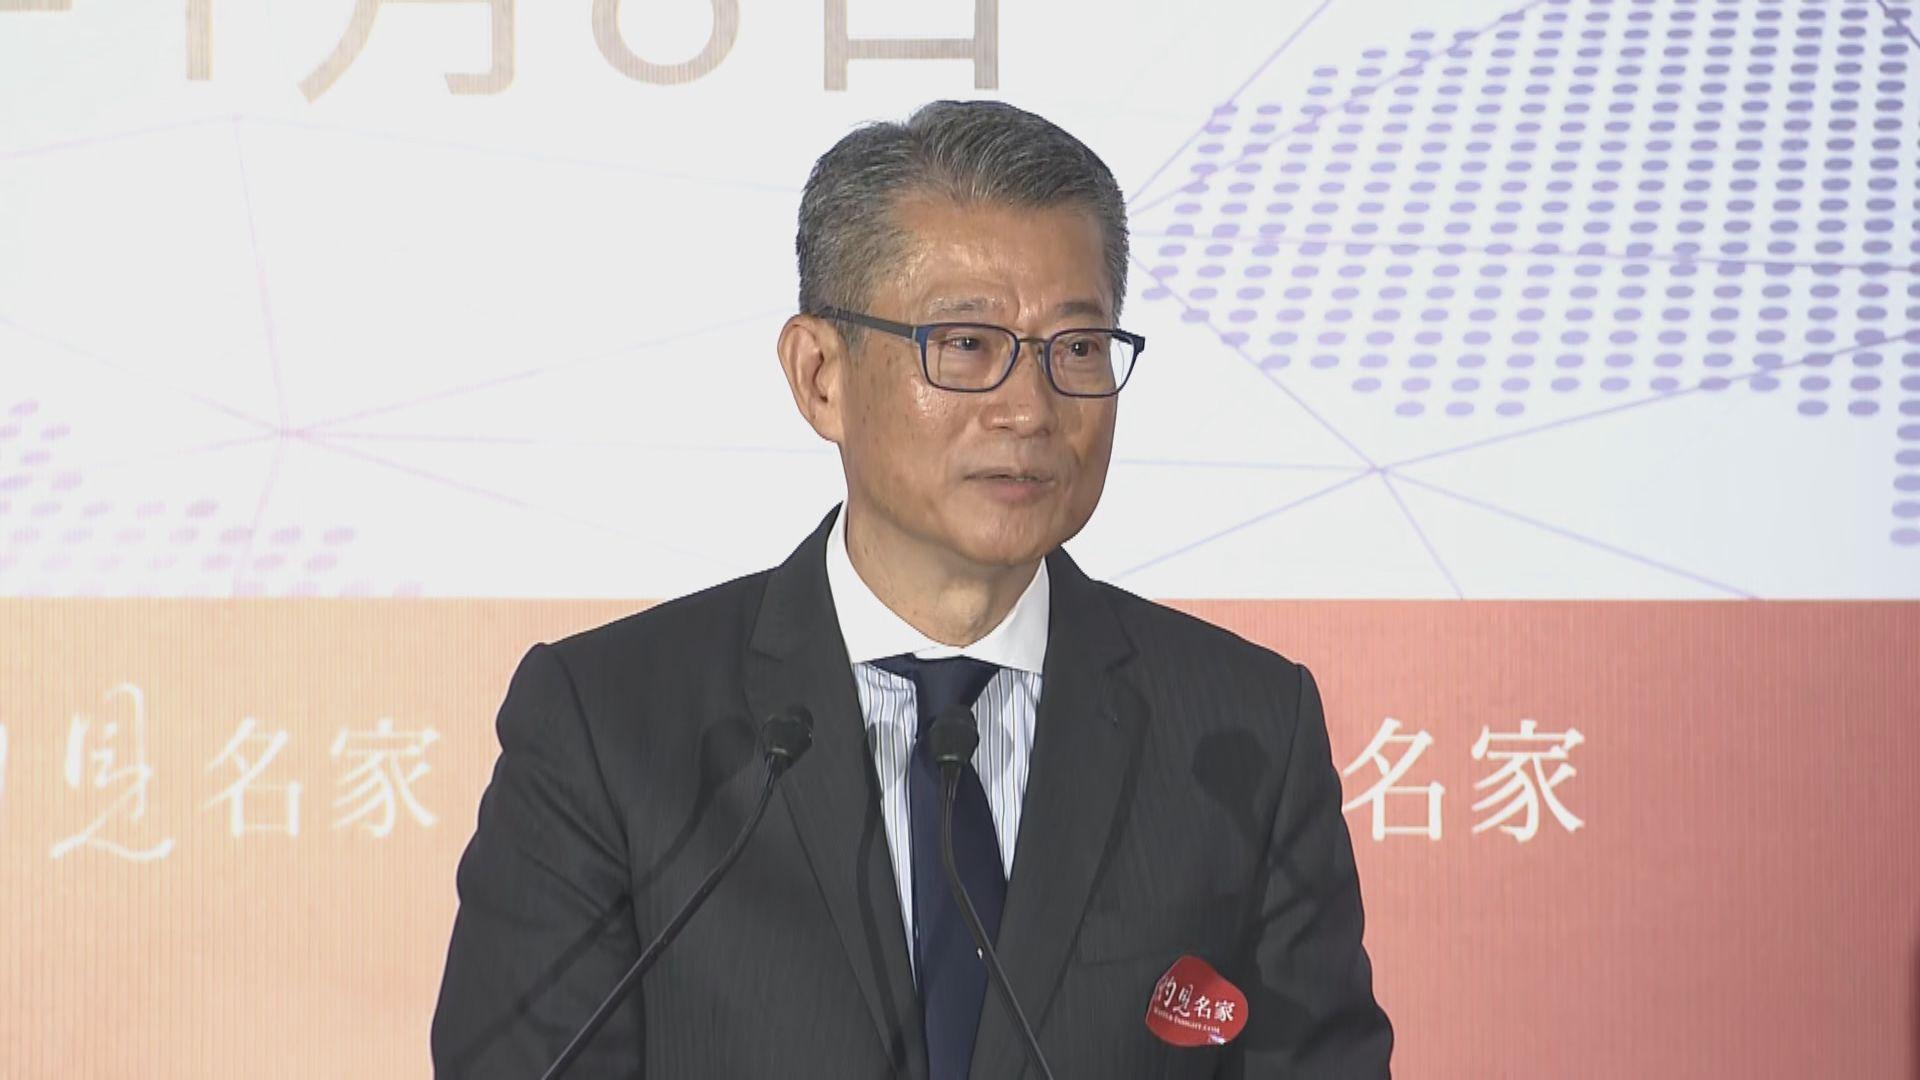 【財政預算案】陳茂波:派消費券及派錢有難度